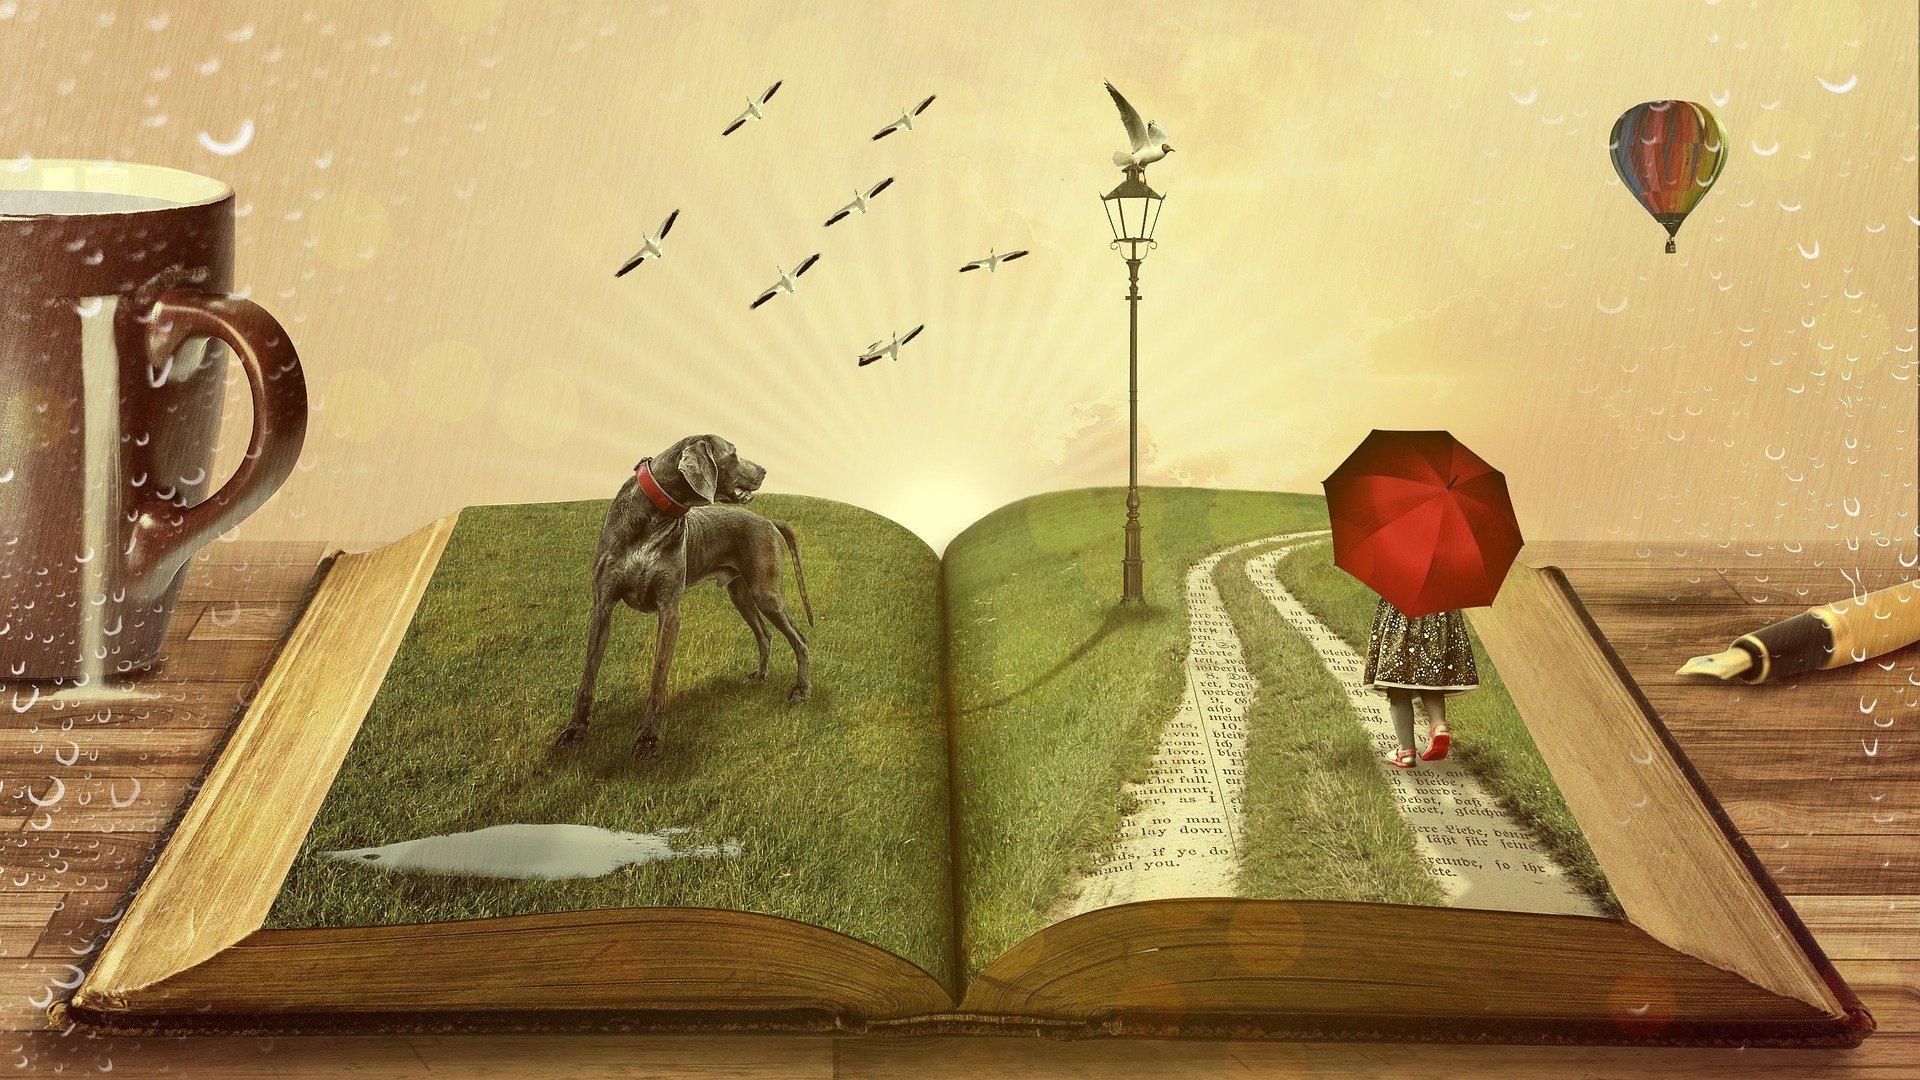 Fantasy: Ein aufgeschlagenes Buch, ein Hund, ein Mädchen mit Schrim, ein Vogel auf einer Laterne. Daneben eine große Tasse mit Milch.